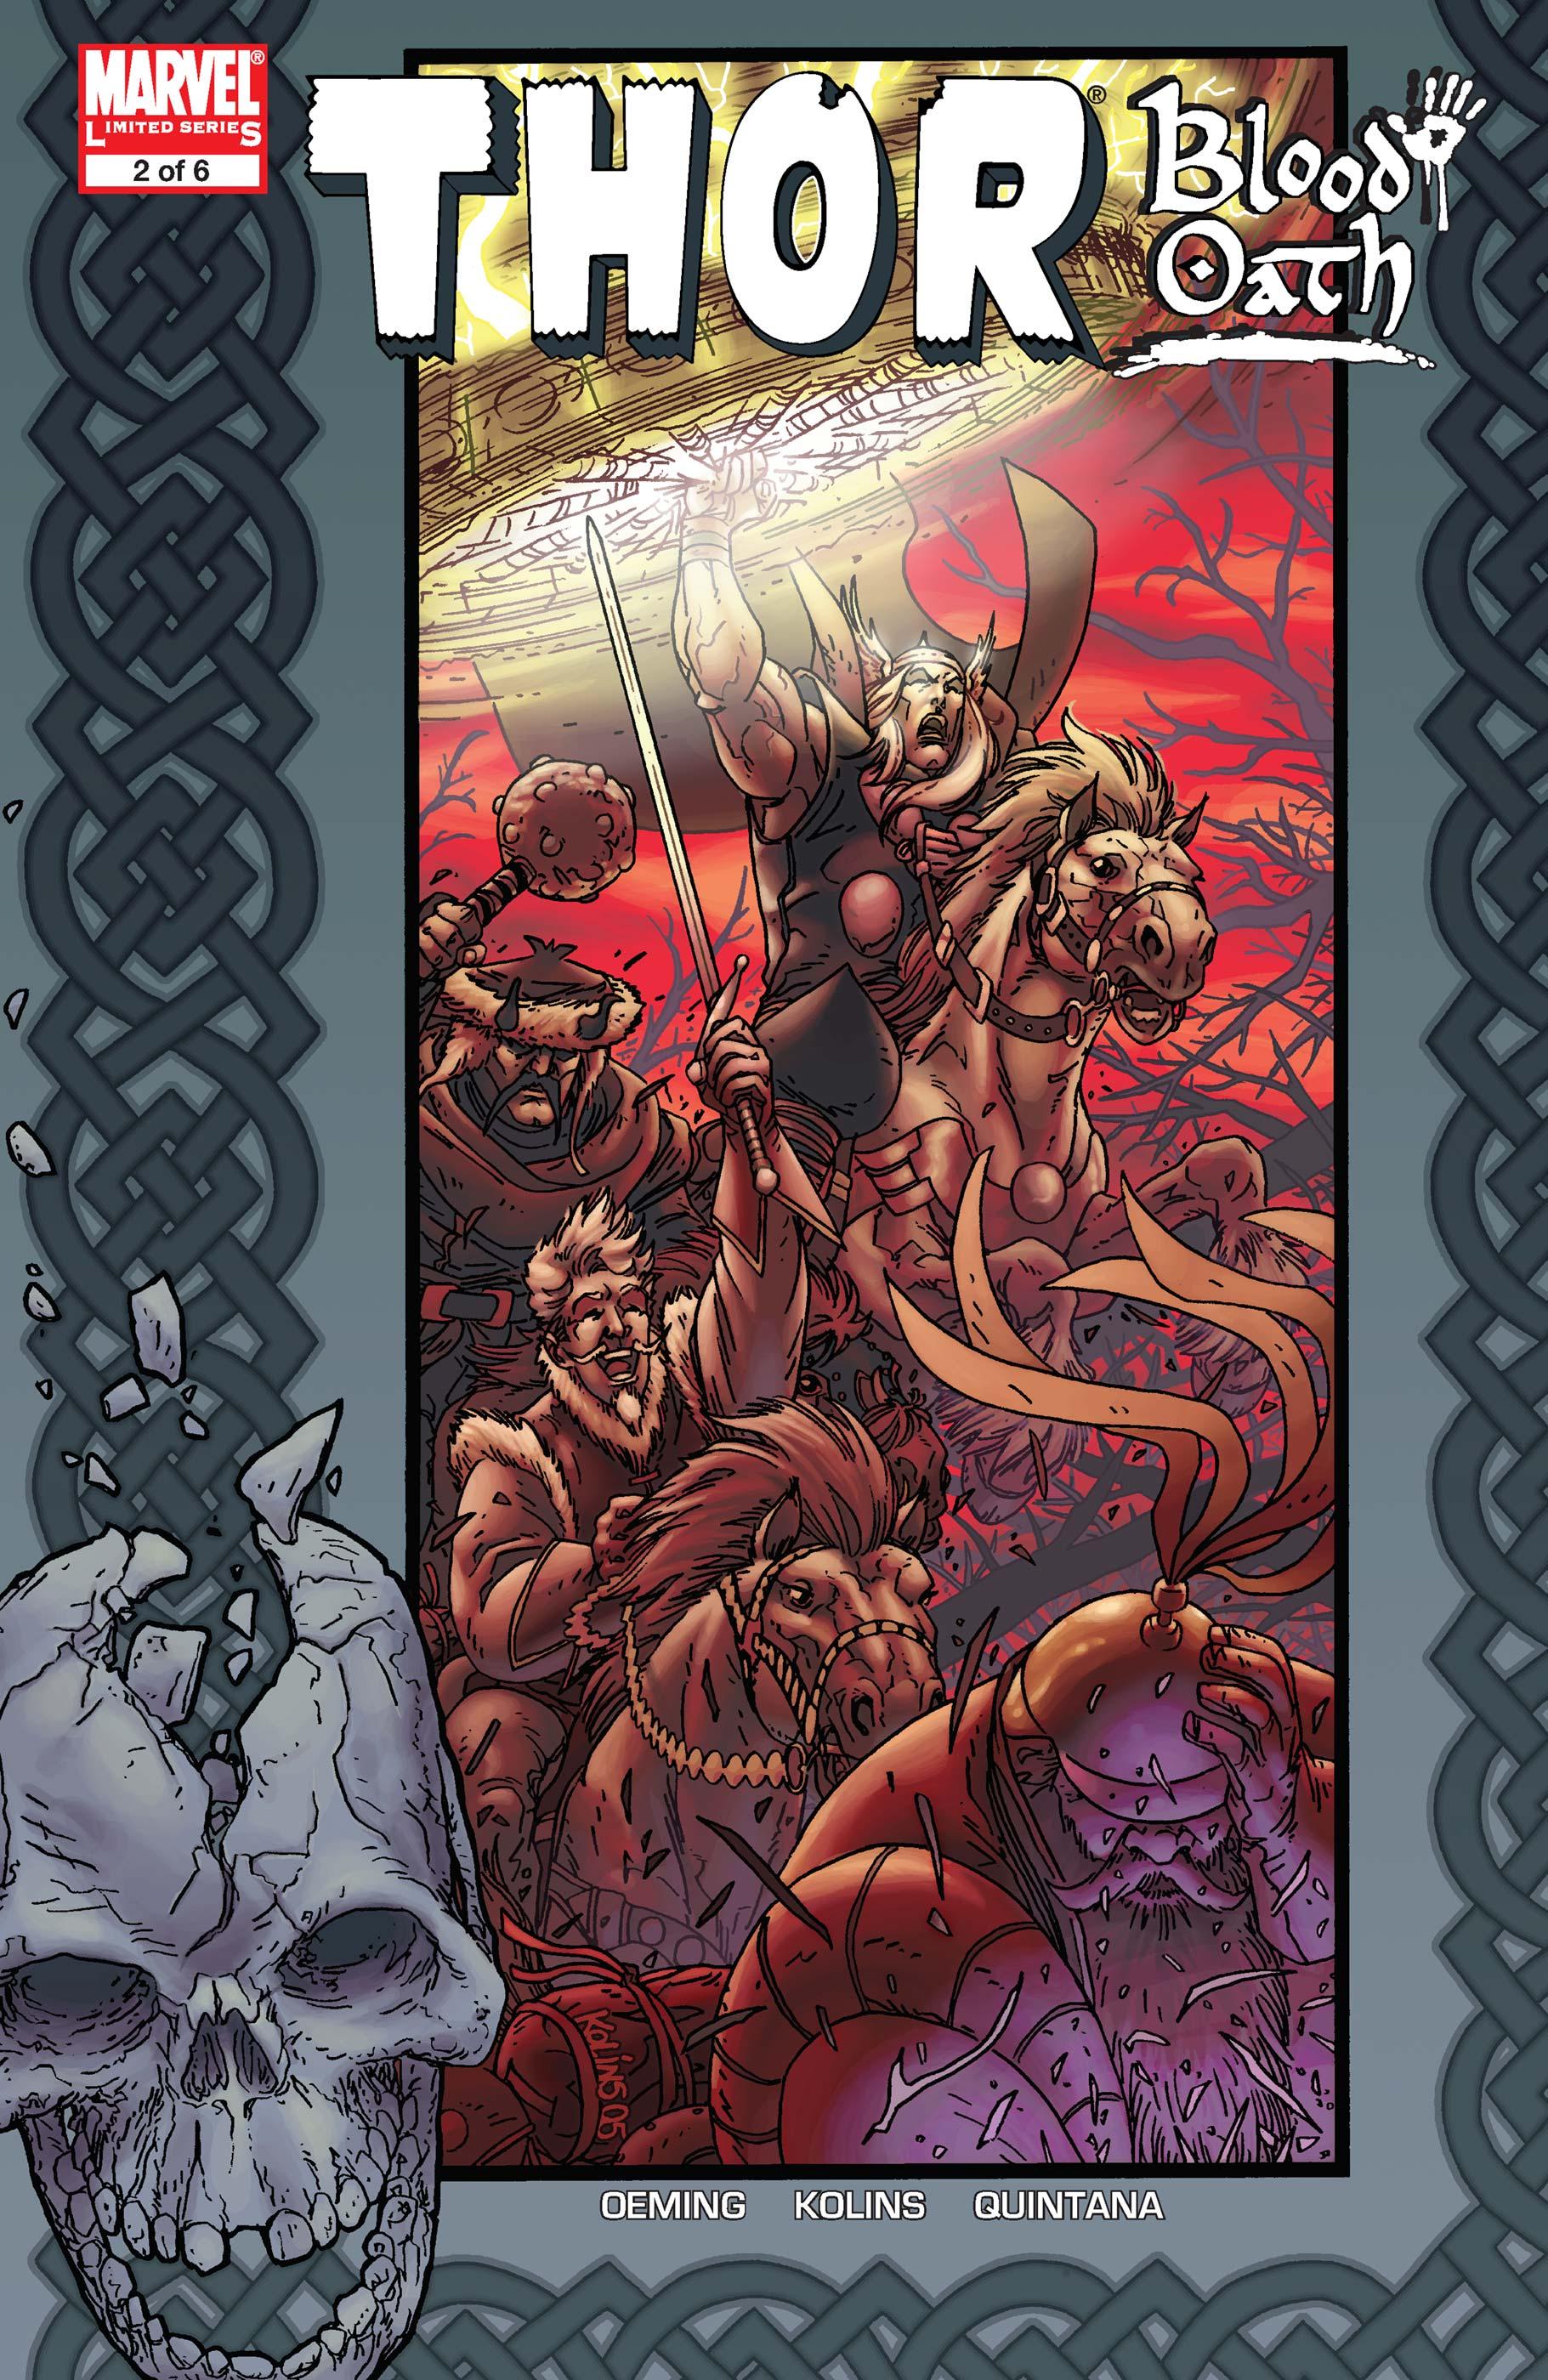 Thor: Blood Oath (2005) #2